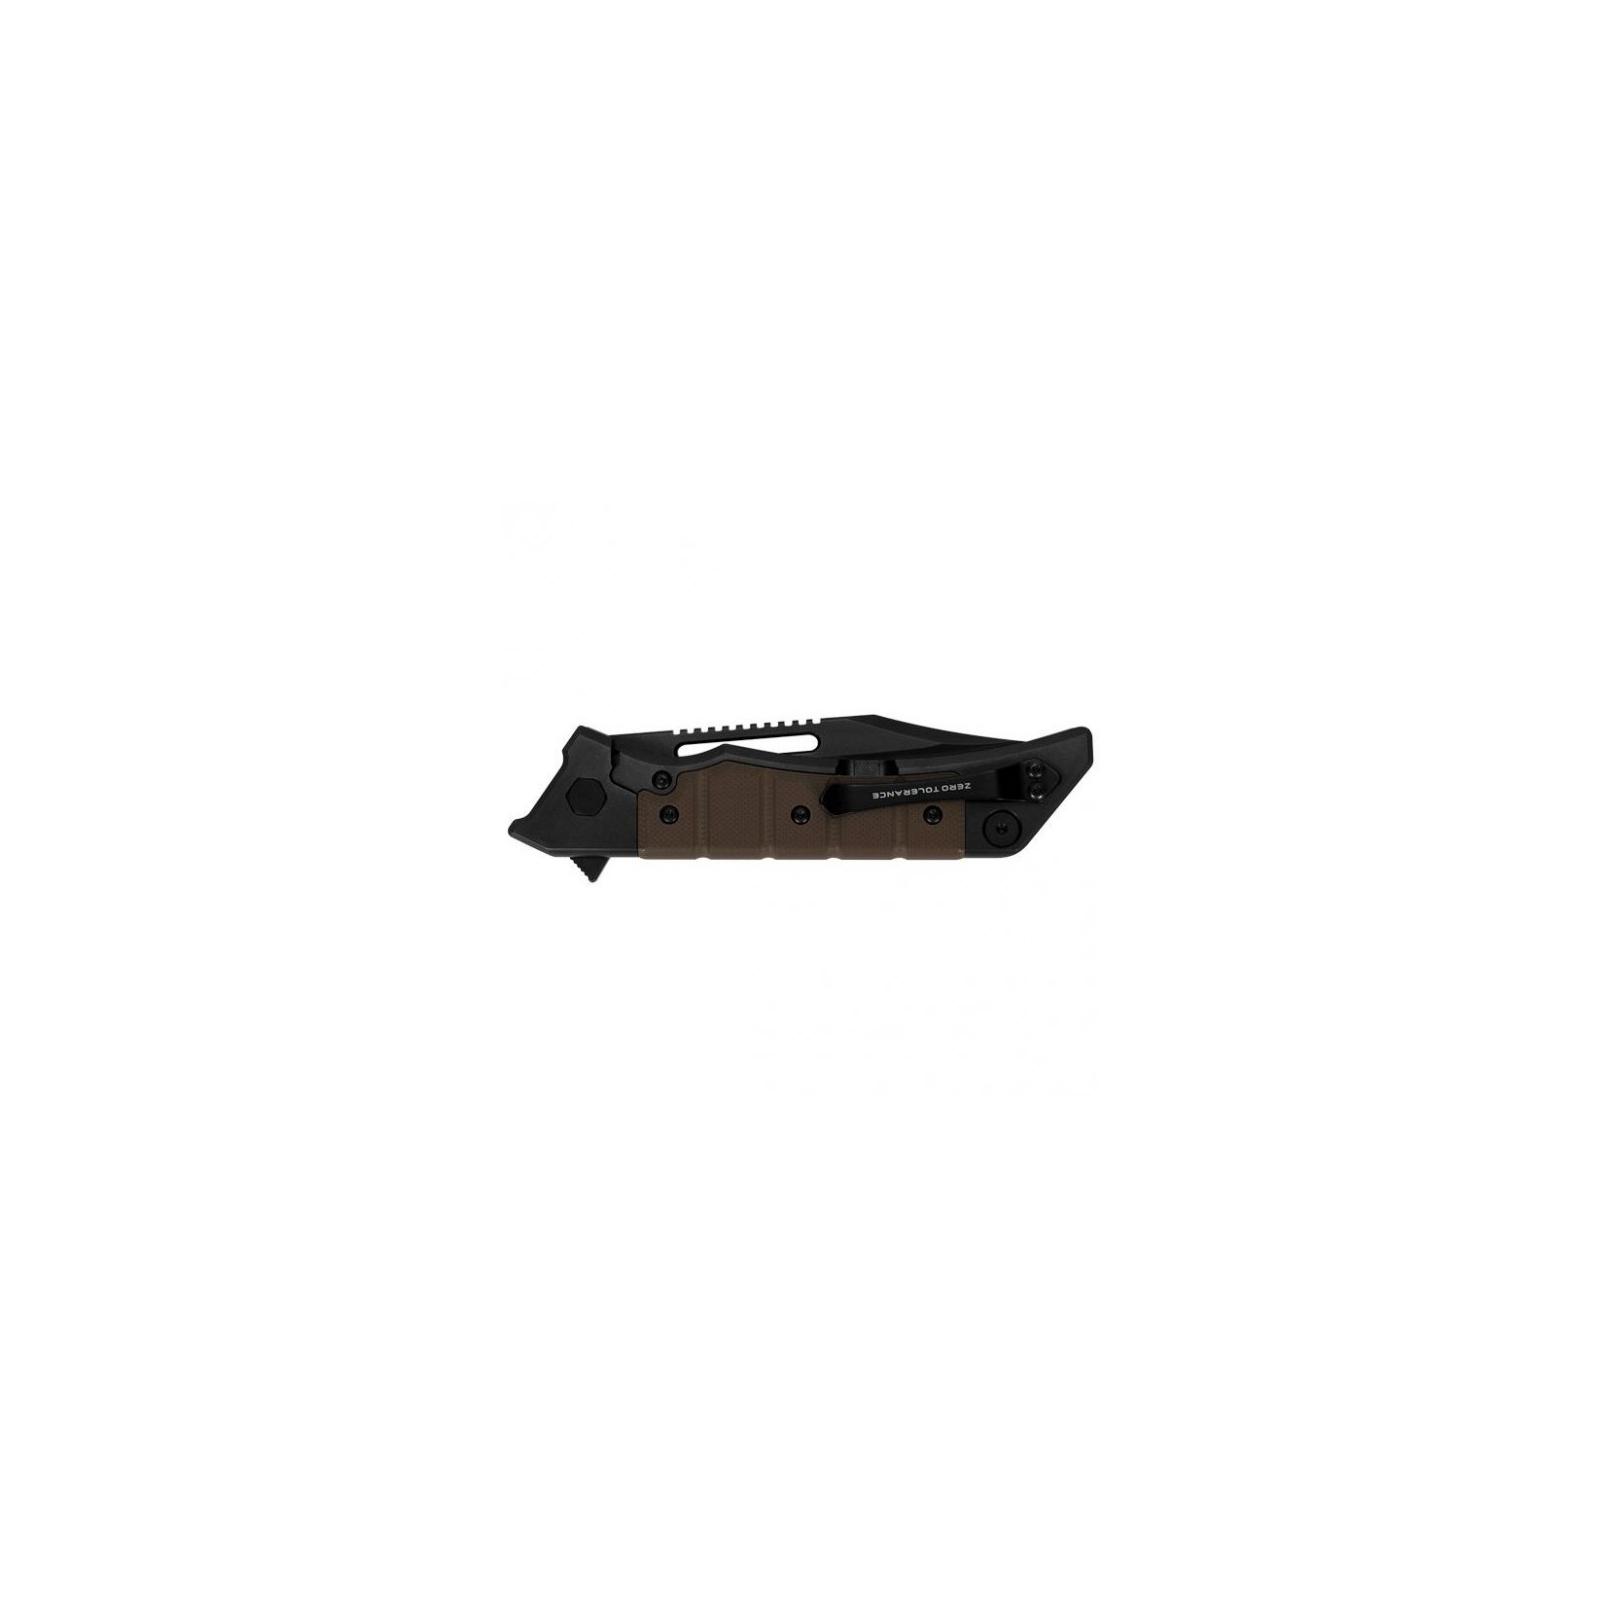 Нож ZT 0223 изображение 2